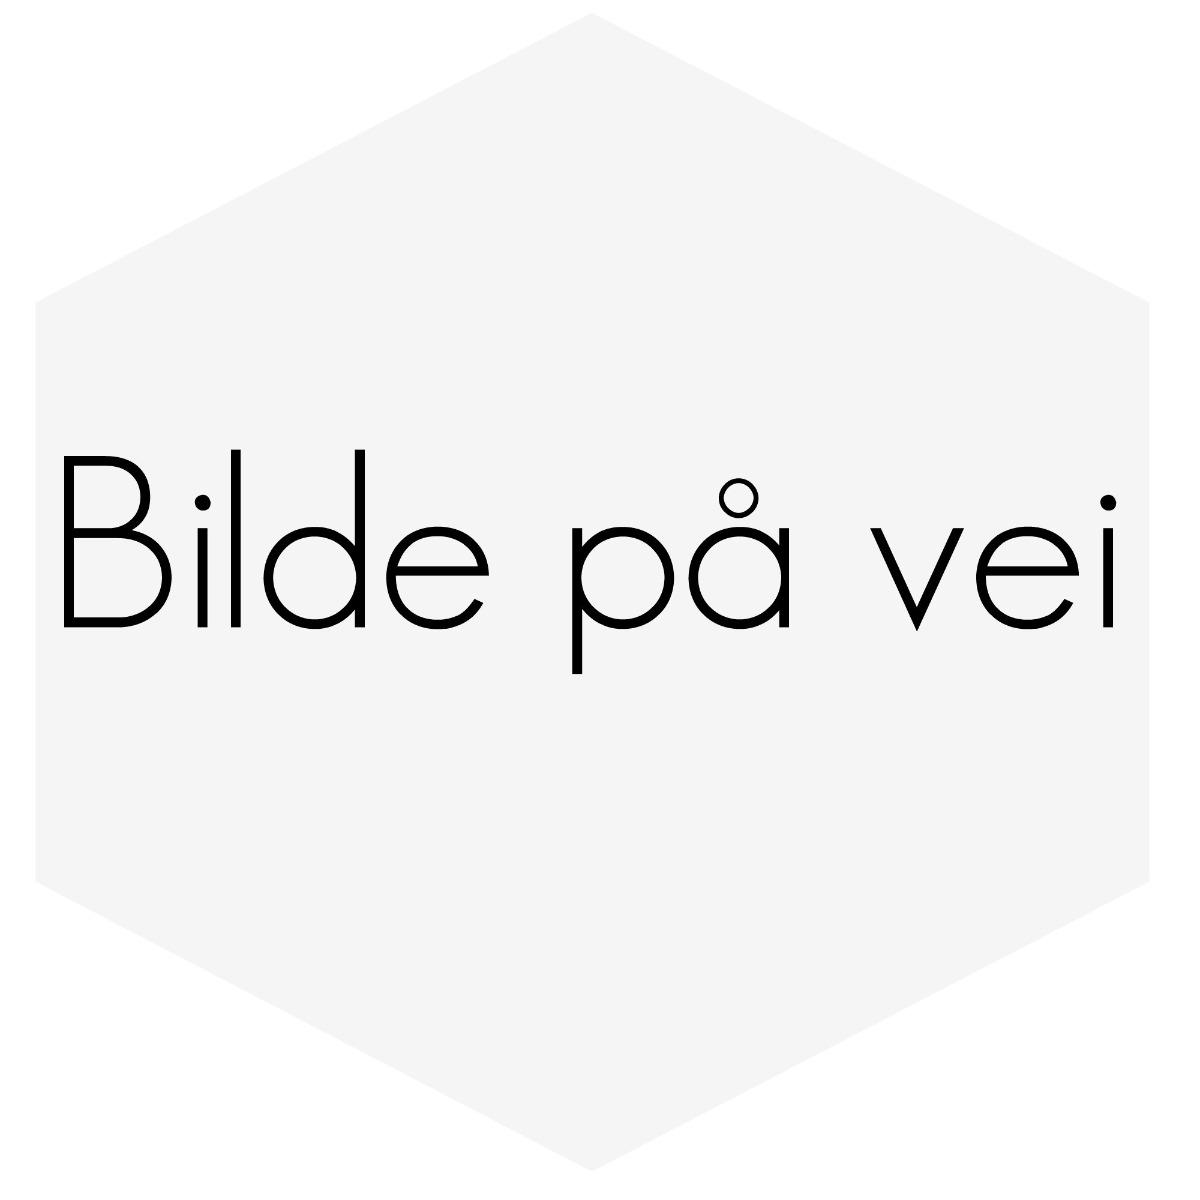 DUMPVENTIL MED RETUR UTTAK AV OVERTRYKK